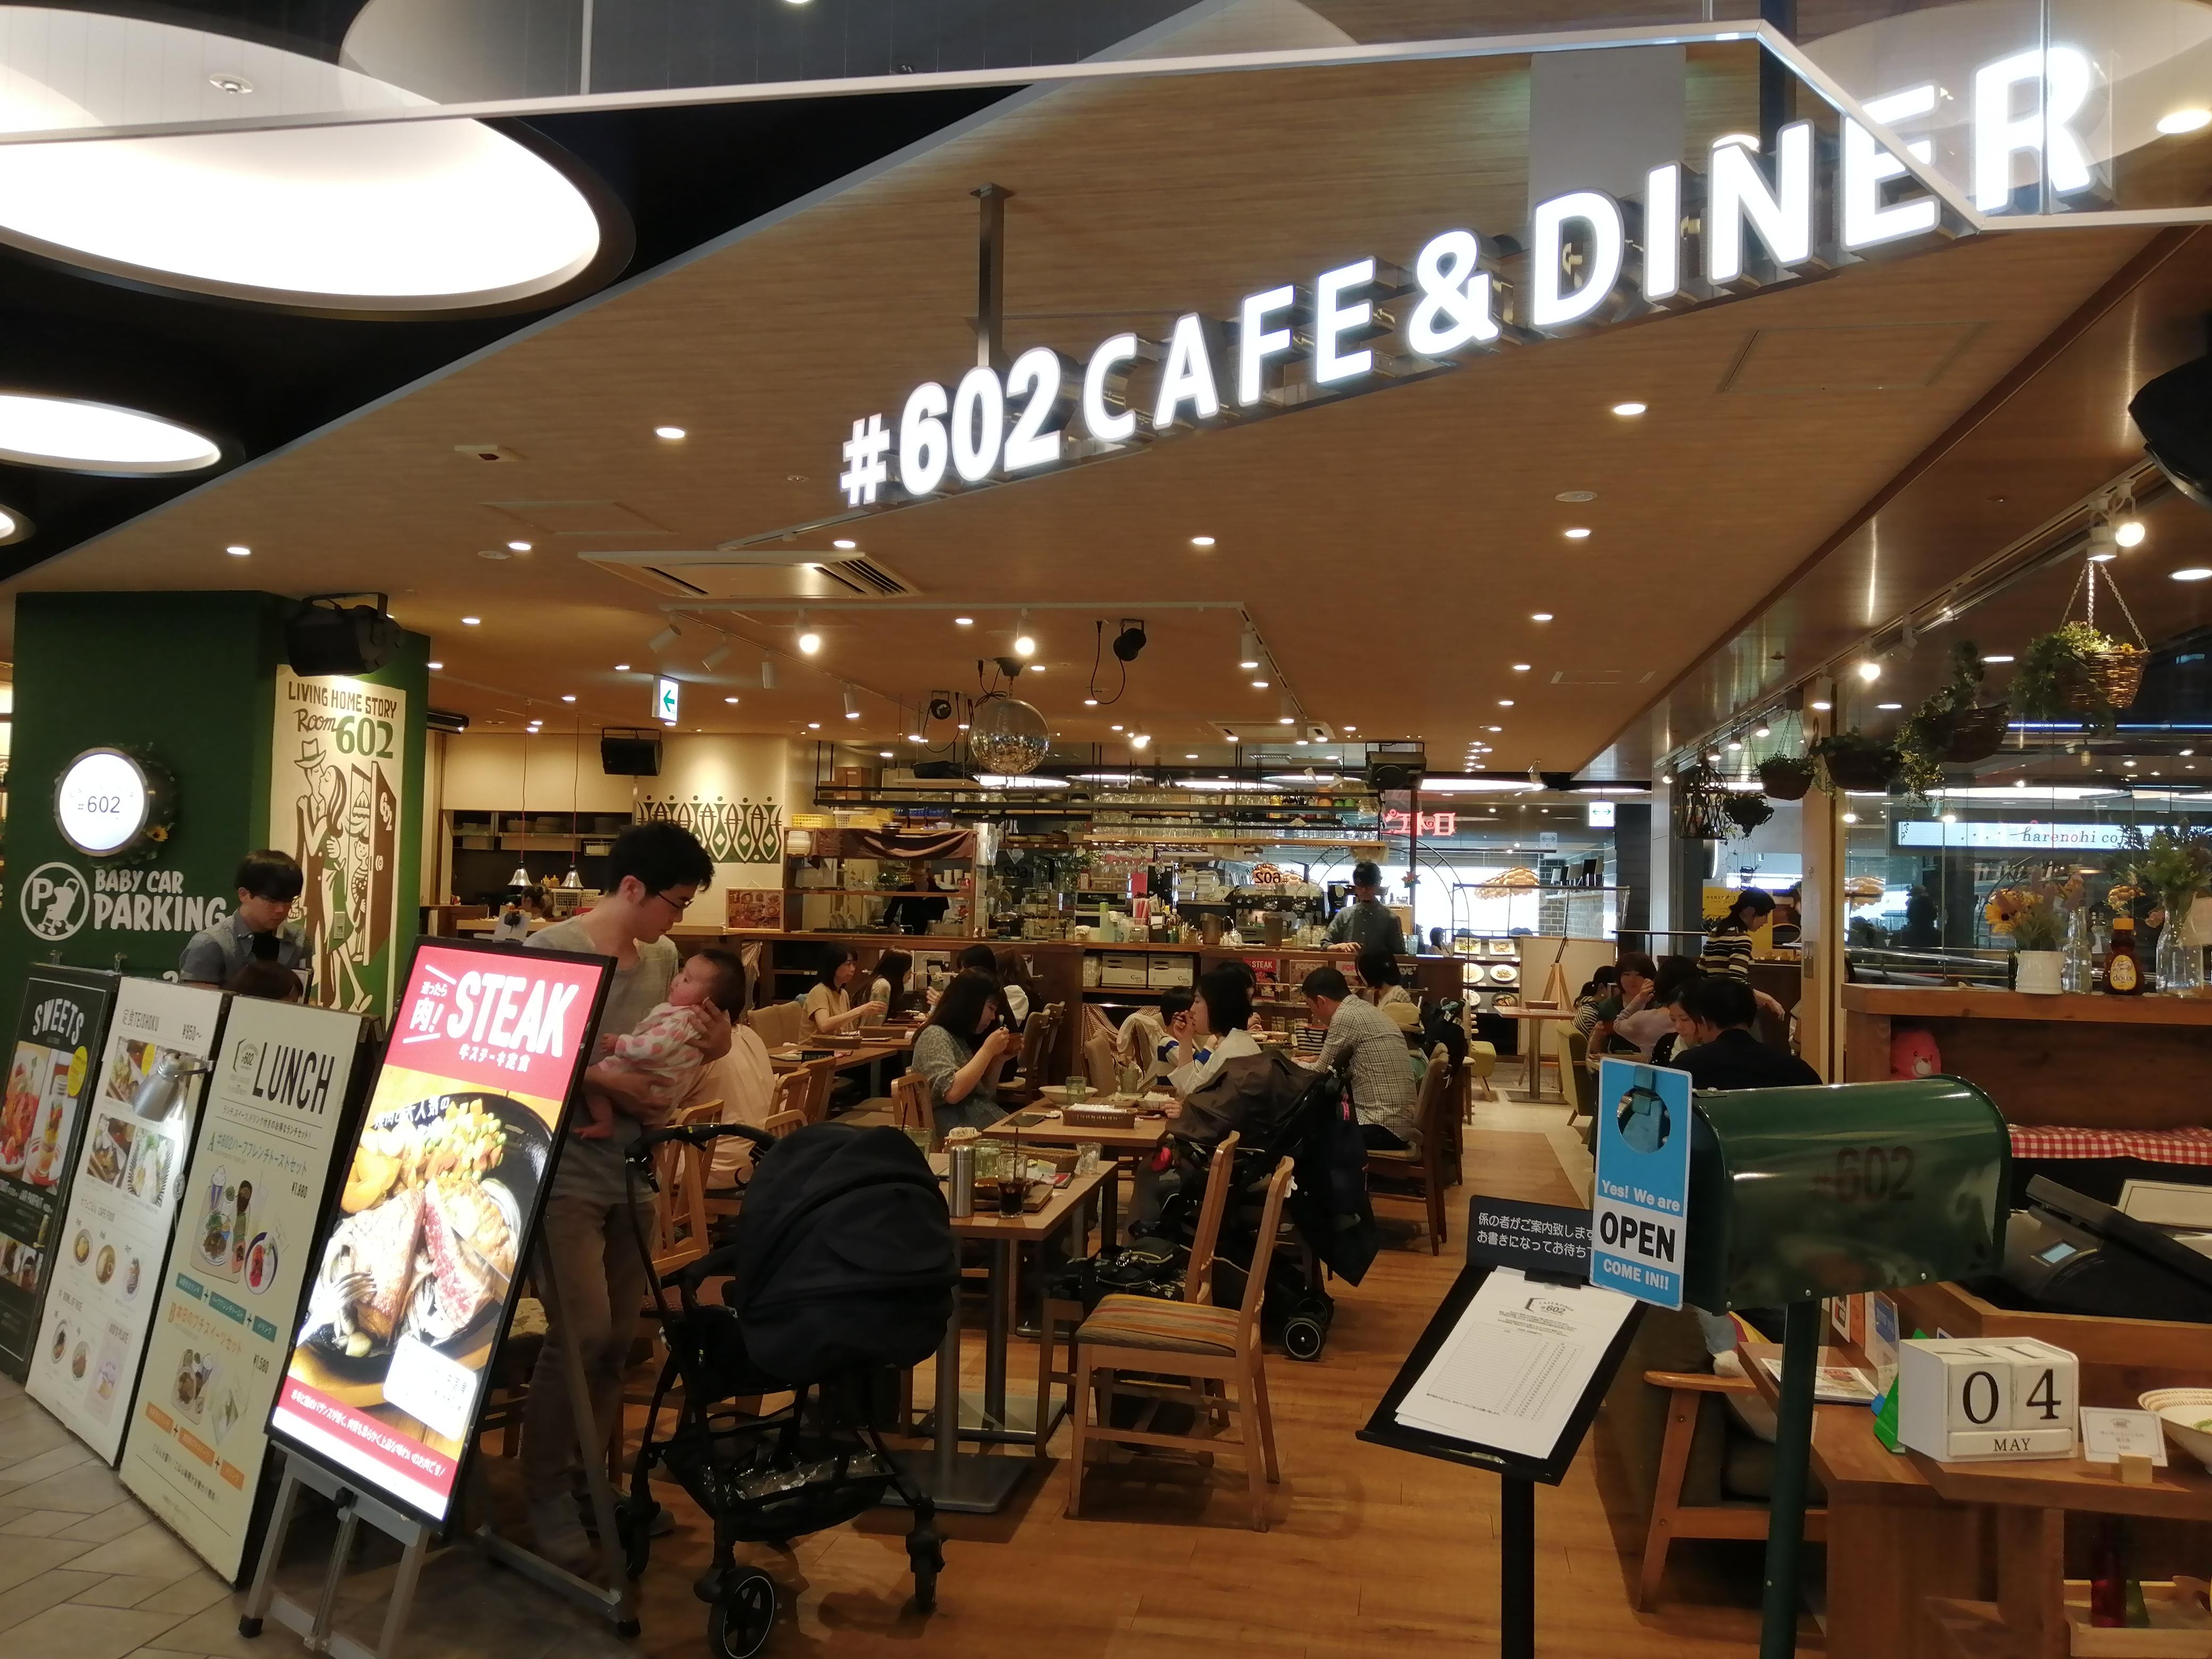 「#602 CAFE&DINER(ロクマルニ カフェ&ダイナー)」の入り口